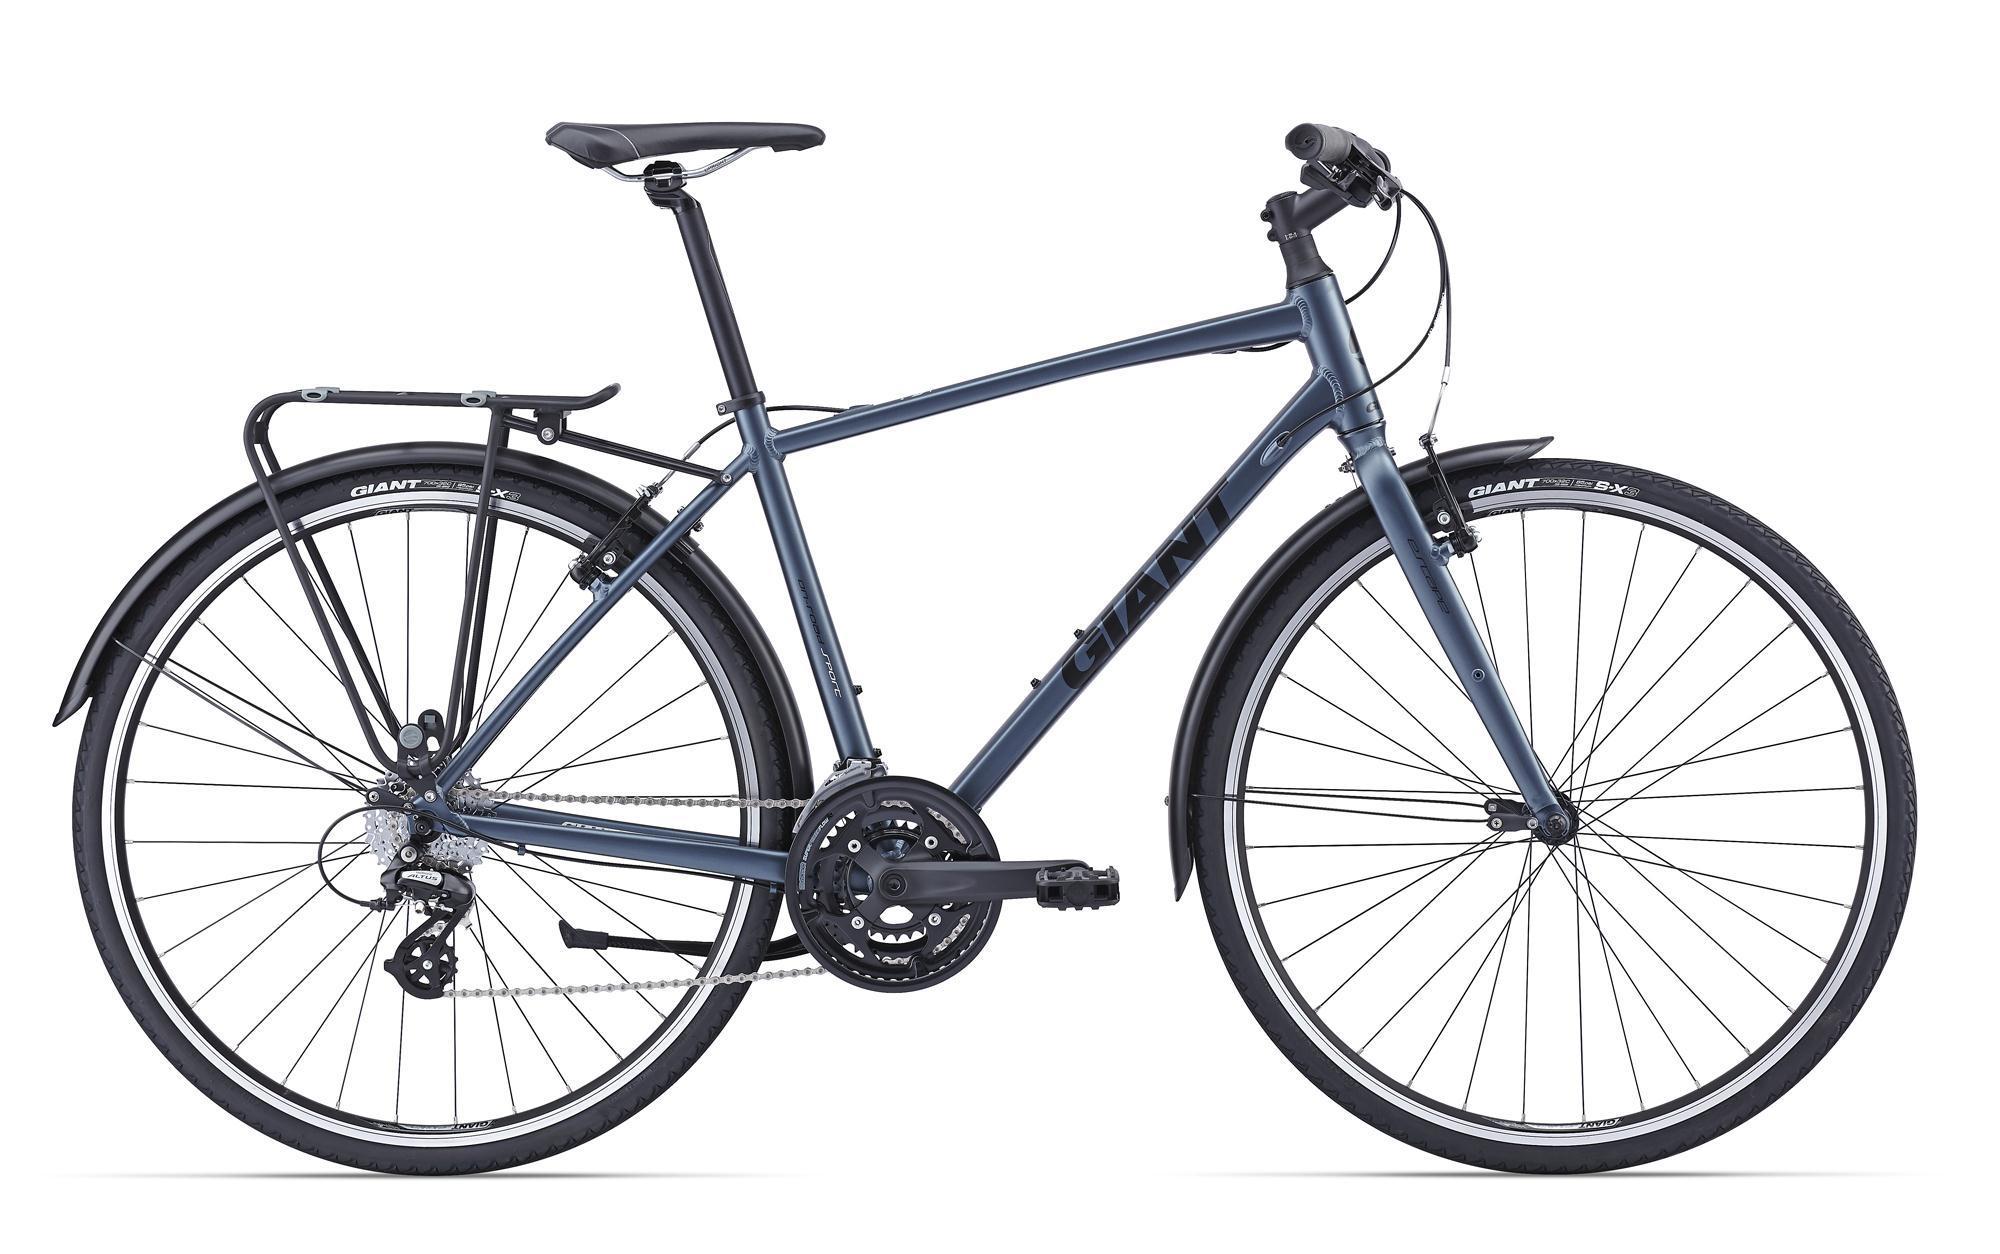 Giant Escape 2 City-WEST (2016)Дорожные<br>Это именно тот велосипед, который представляешь себе при слове «городской». Он мягко катится, легко разгоняется, удобен и очень практичен. Настоящий антистресс на все случаи жизни. Рама из алюминия ALUXX имеет низкий вес и завидную прочность, 24 скорости – более чем достаточно для любого городского рельефа, на больших колесах 700с стоят шины с защитой от проколов – во избежание мелких неприятностей. В комплекте много приятных дополнений – вместительный багажник позволит с легкостью разместить на нем мешающие вещи, а полноразмерные крылья не только защищают от брызг и грязи, но и добавляют Escape 2 City-West особого шарма.<br>